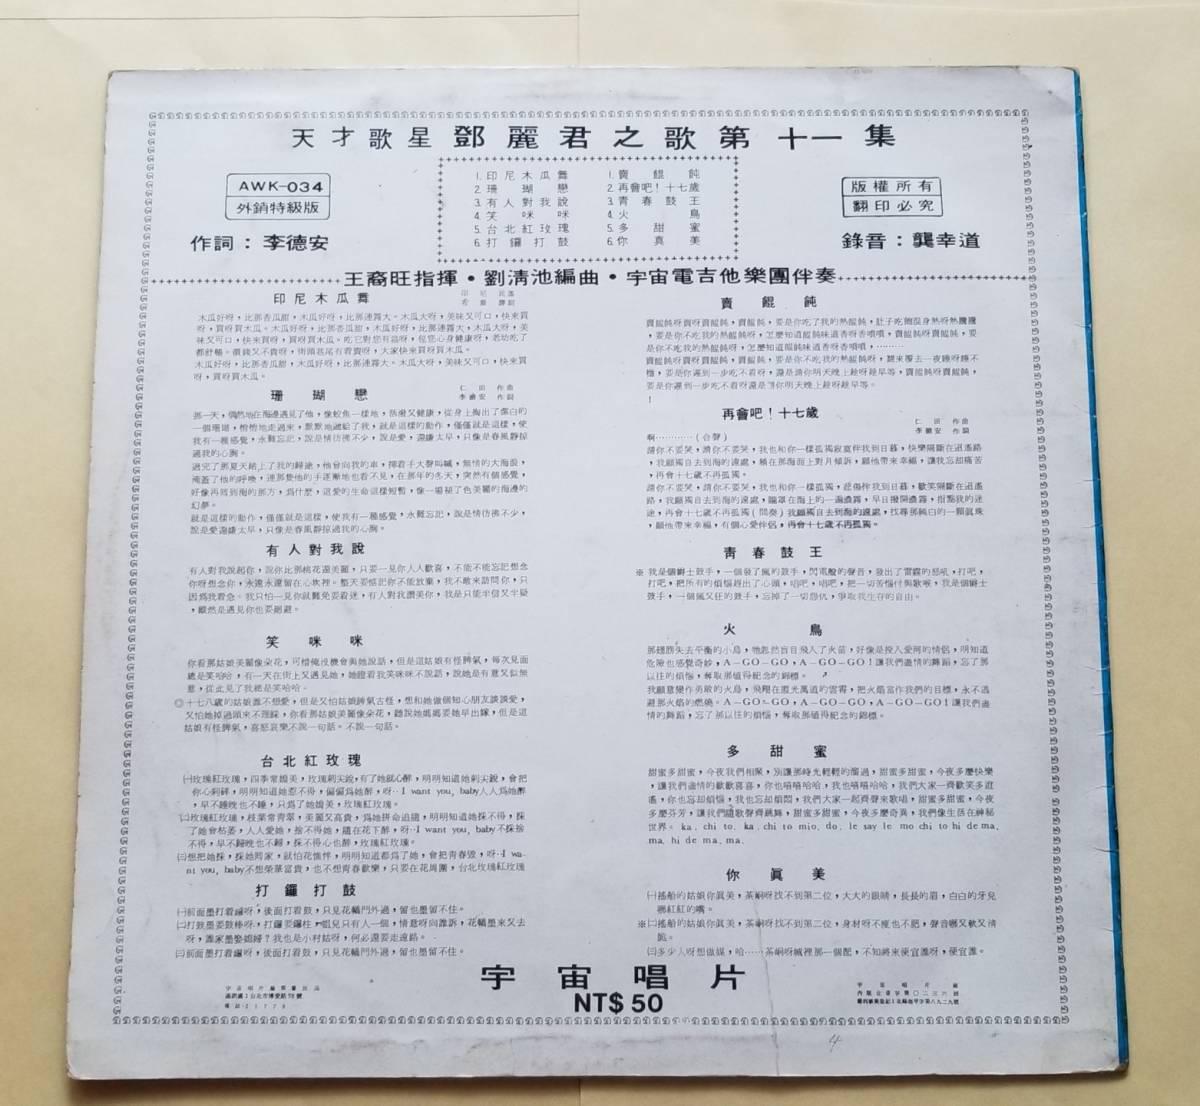 LP 鄧麗君之歌第十一集「再會!十七」 AWK-034 送料込_画像2